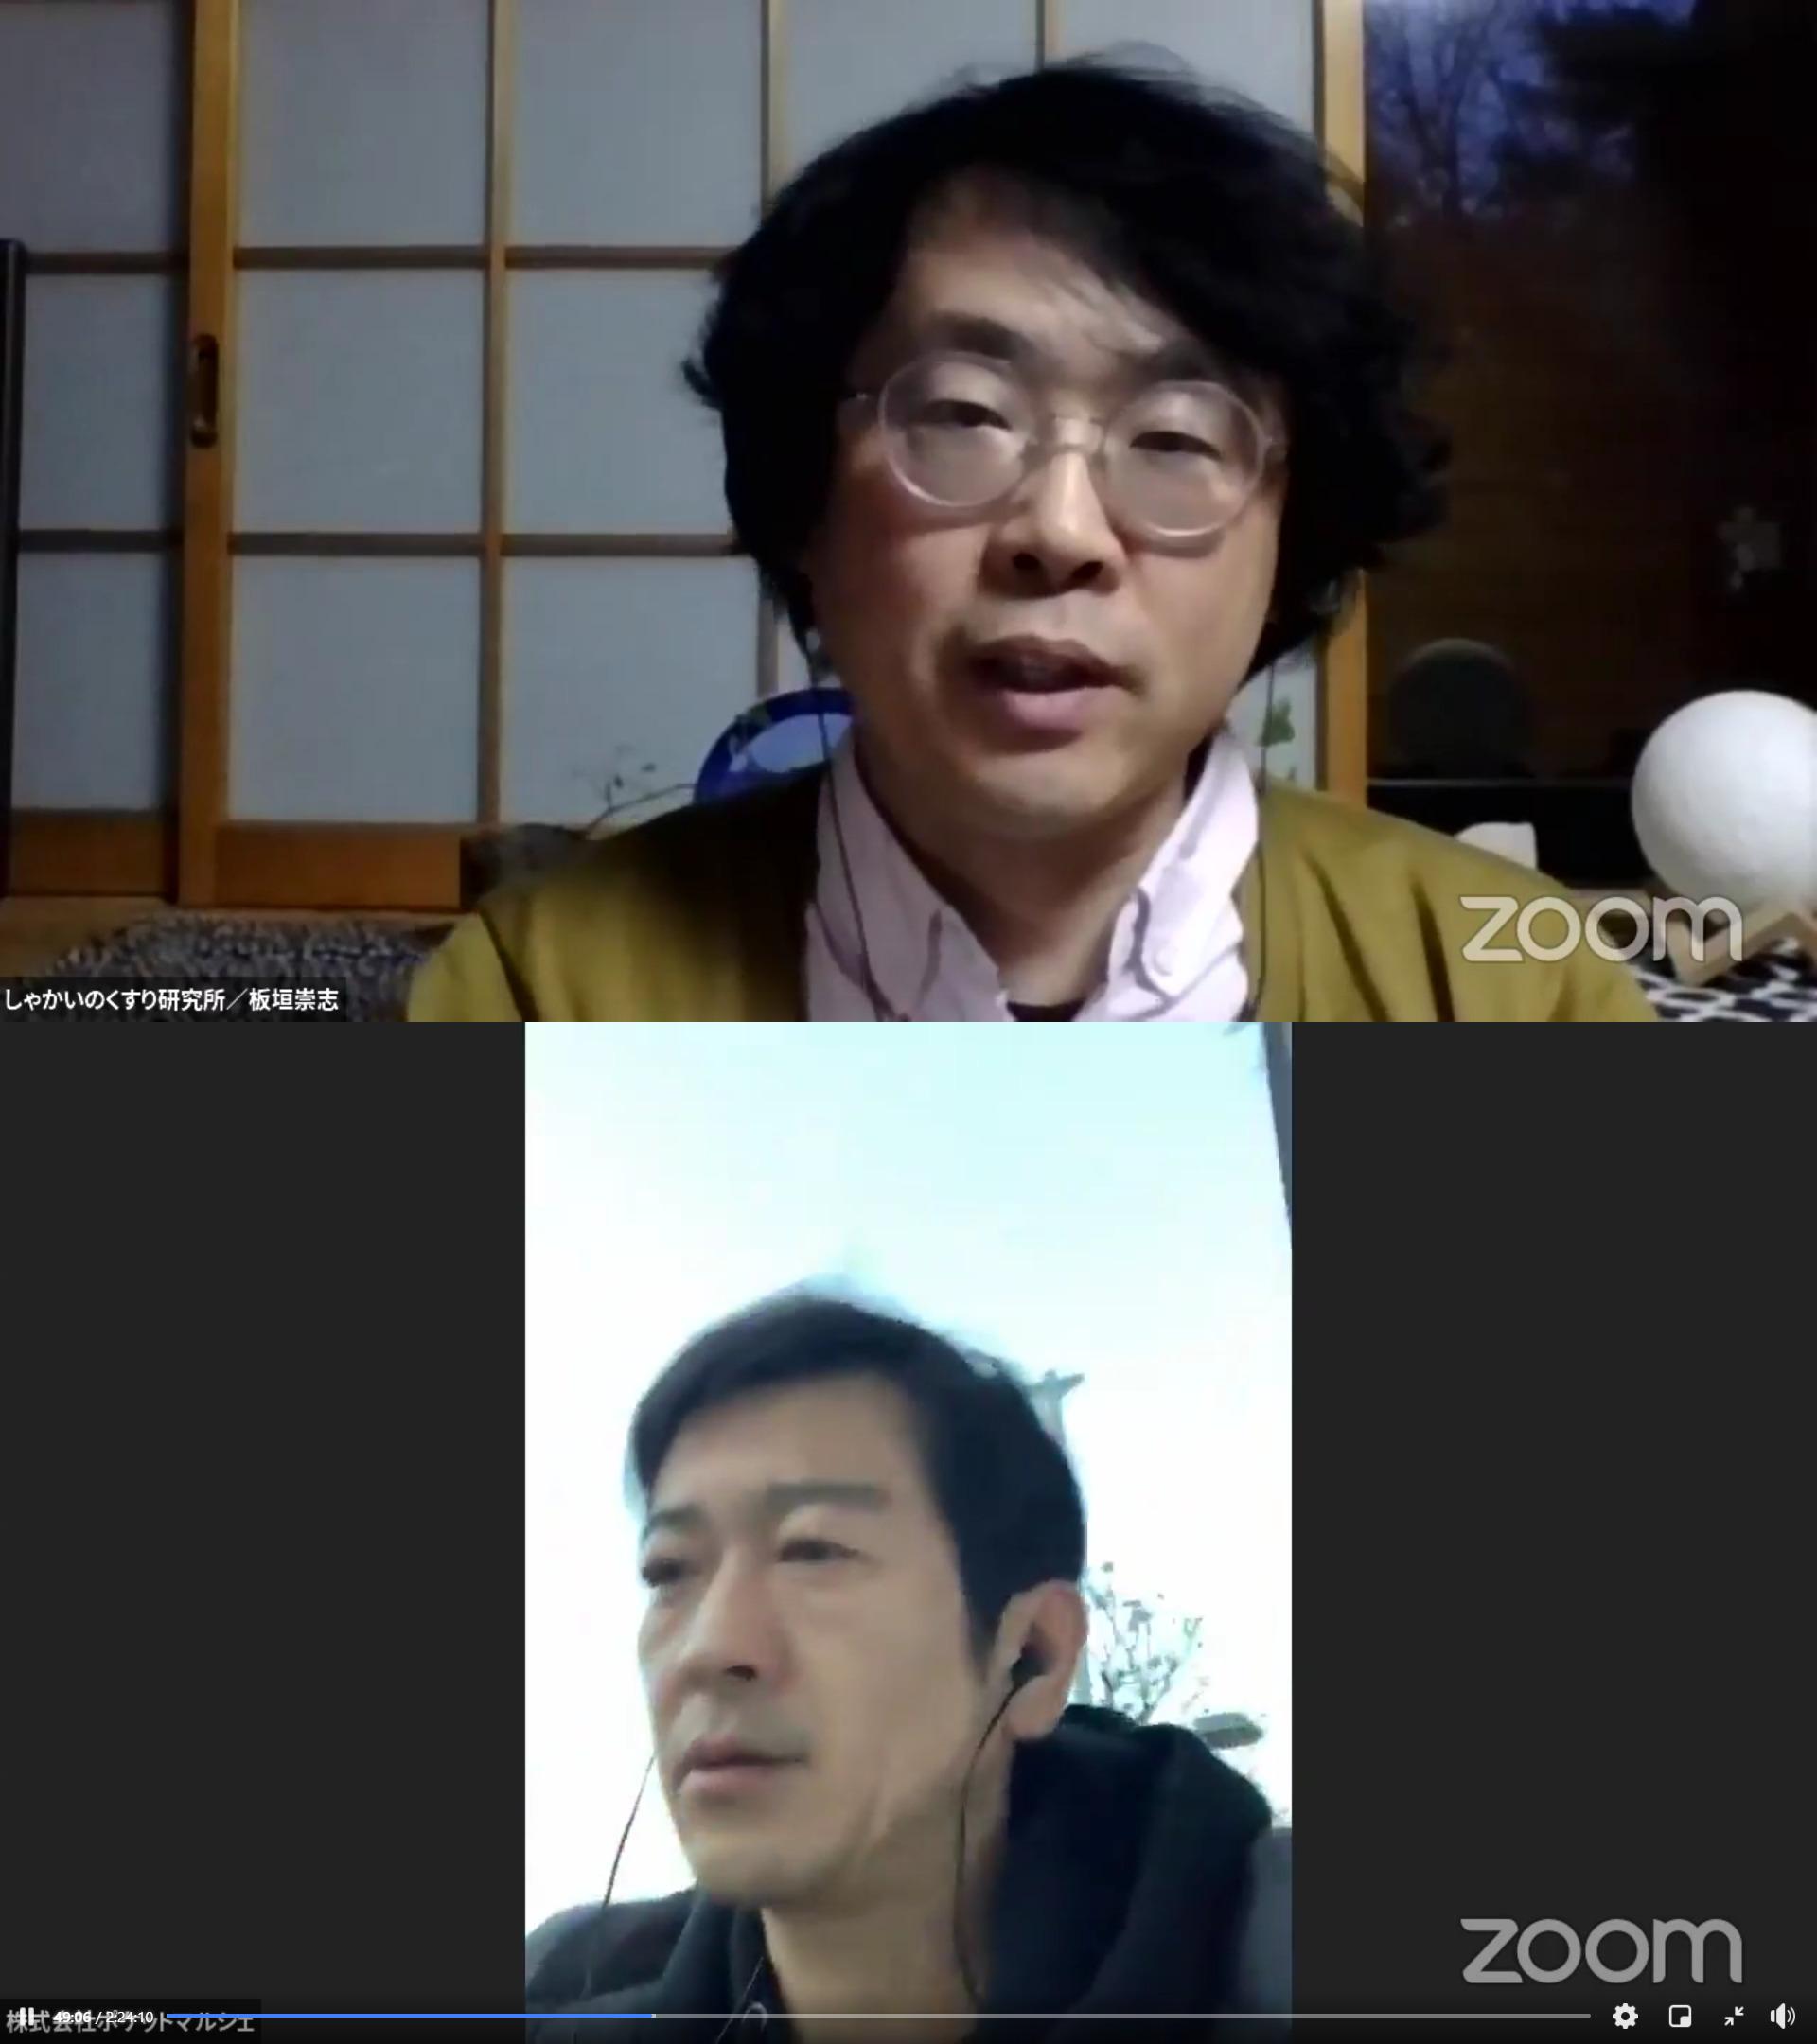 株式会社ポケットマルシェCEO高橋博之さんと対談